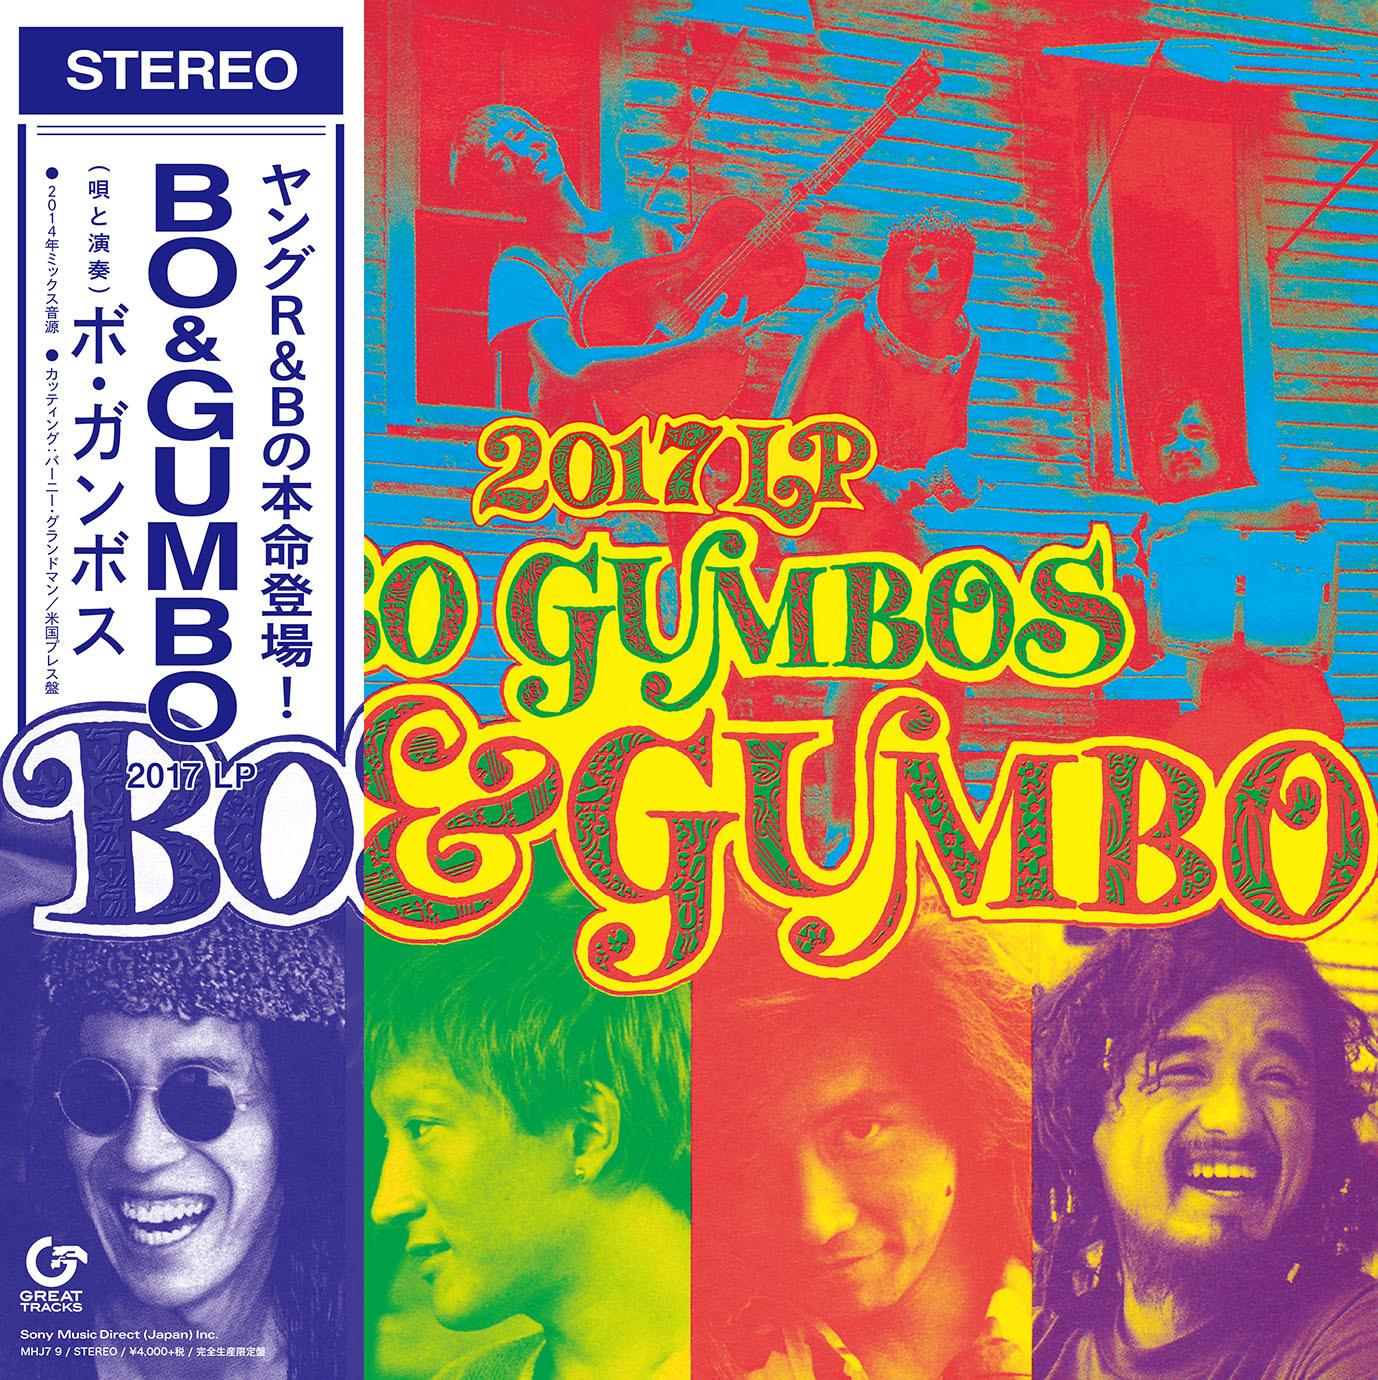 ボ・ガンボス『BO & GUMBO – 2017 LP』